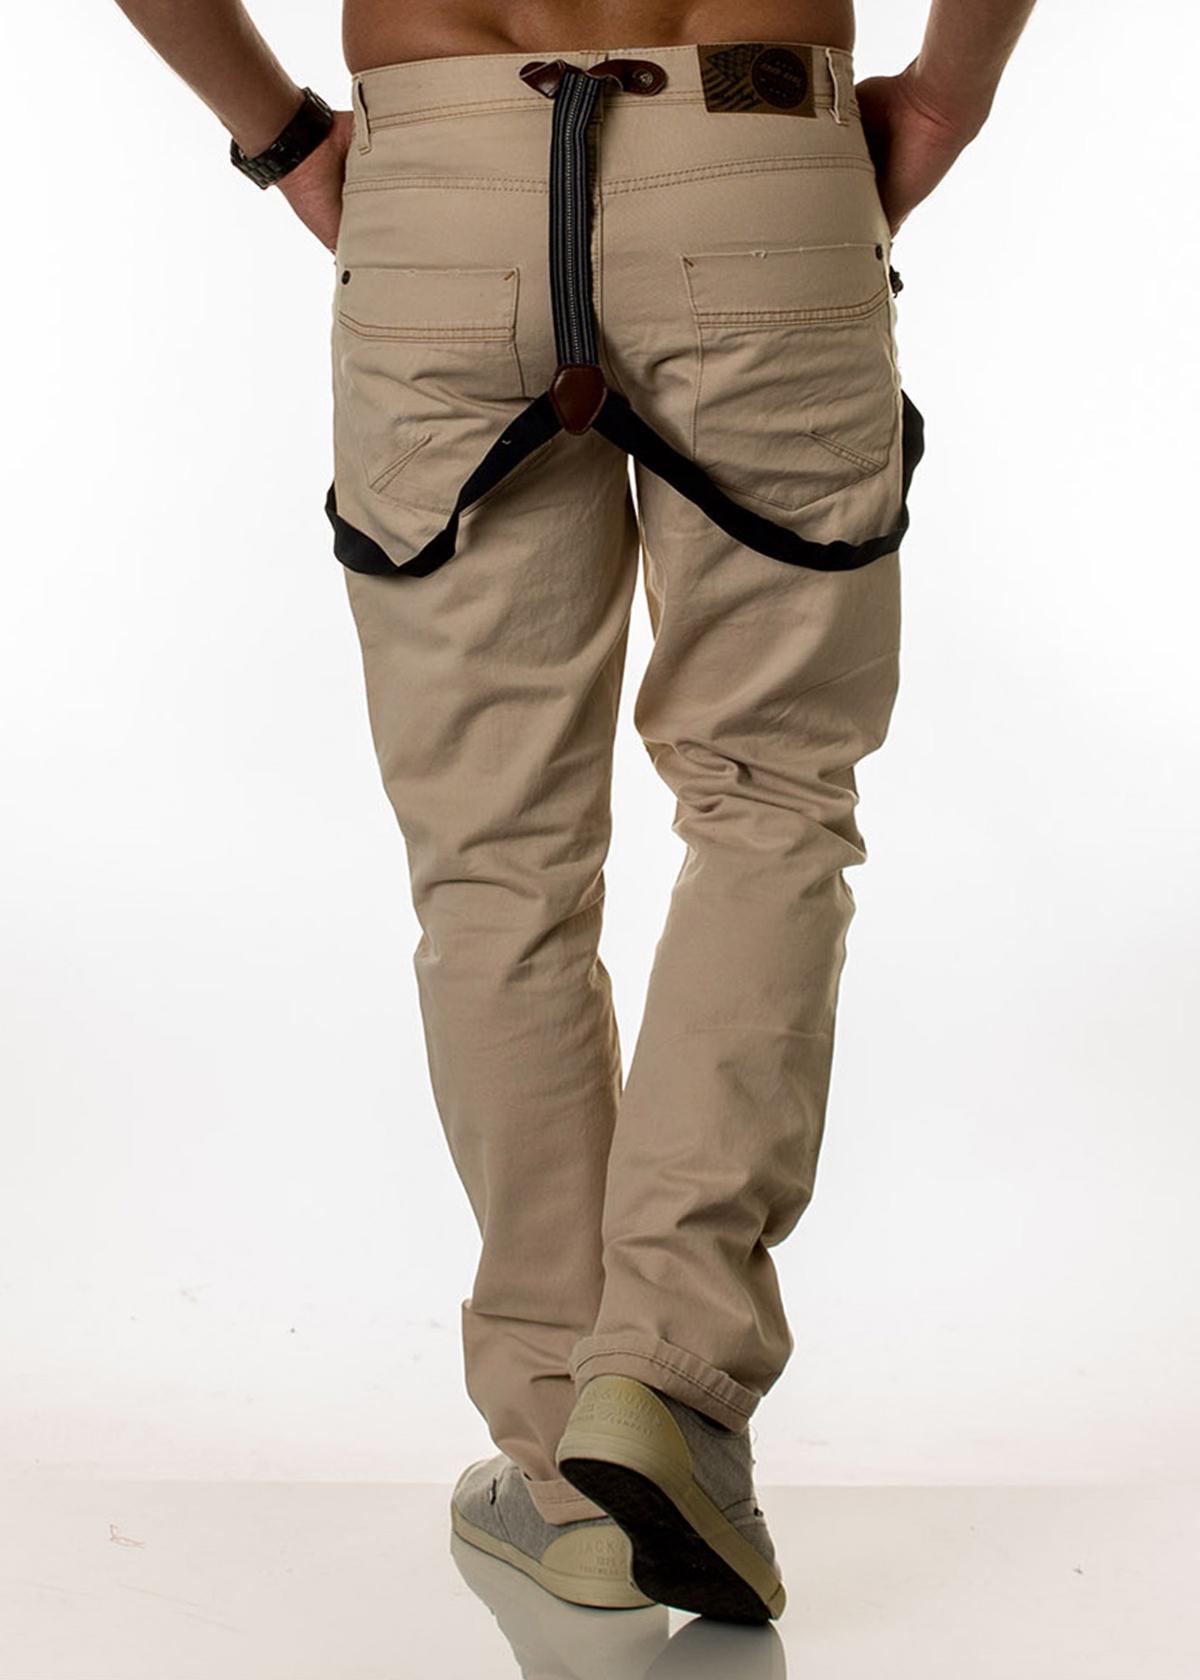 98 86 herren jeans h7256w60460 bequeme jeans hose mit. Black Bedroom Furniture Sets. Home Design Ideas